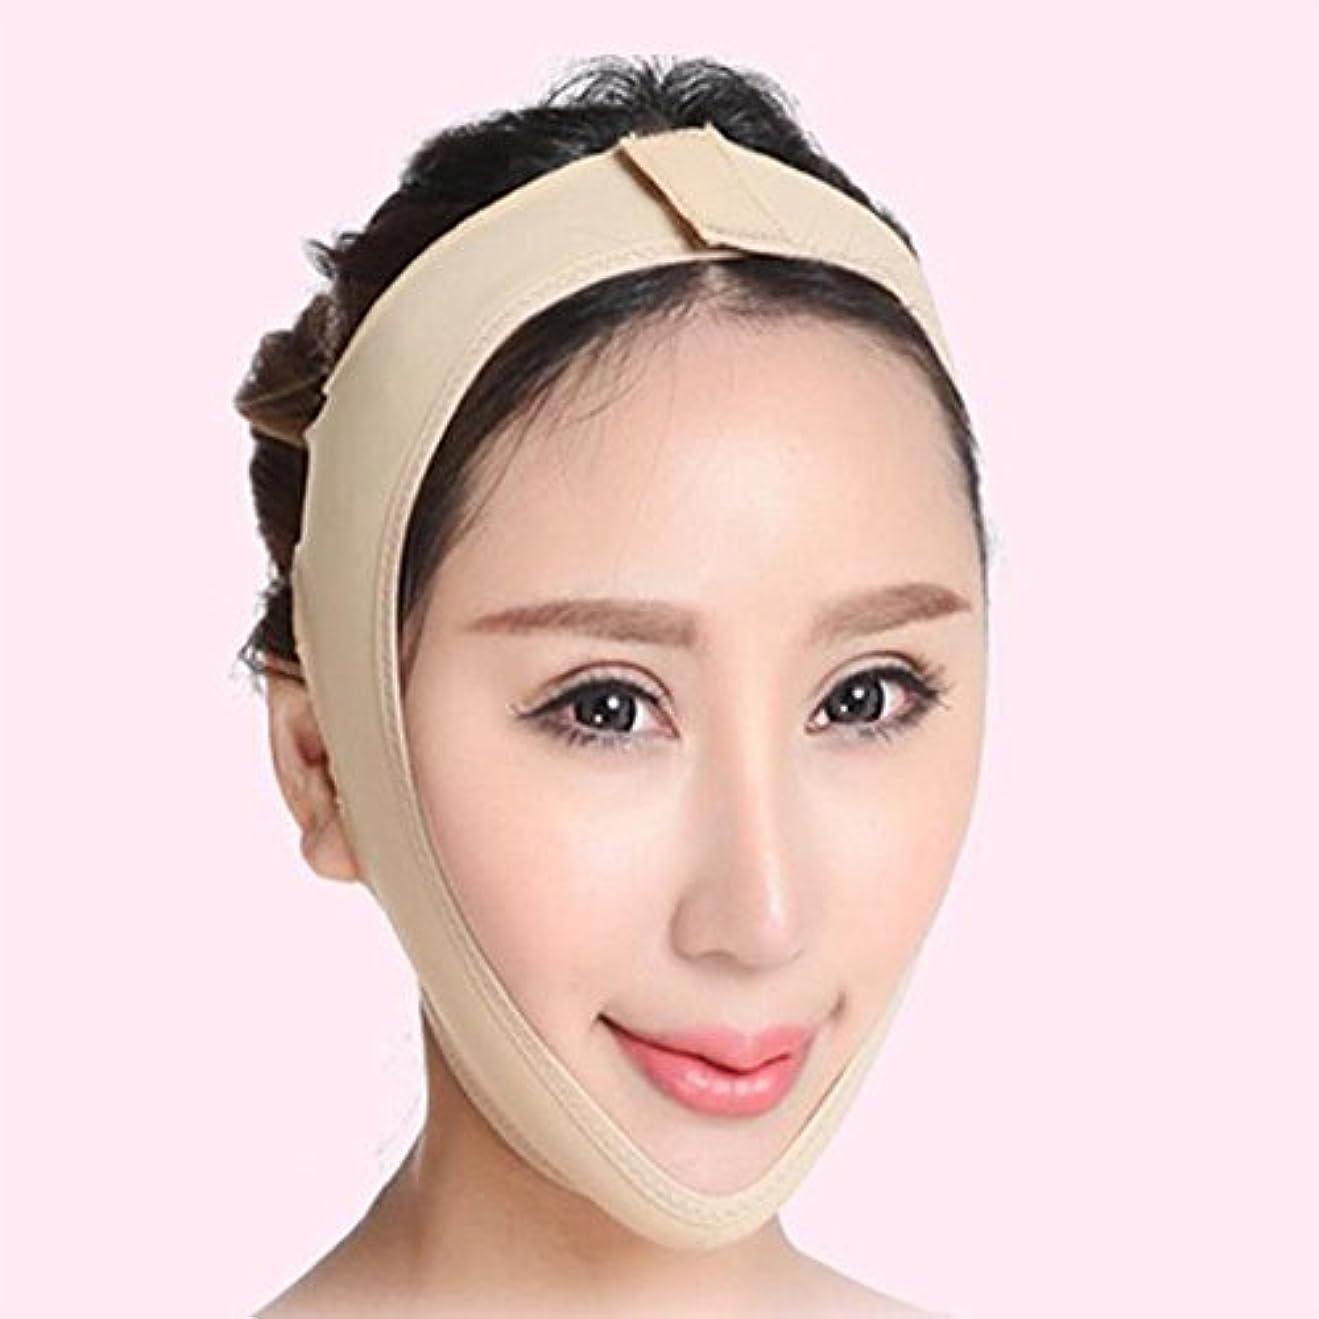 幸運気配りのある不完全なSD 小顔 小顔マスク リフトアップ マスク フェイスライン 矯正 あご シャープ メンズ レディース Mサイズ AZD15003-M